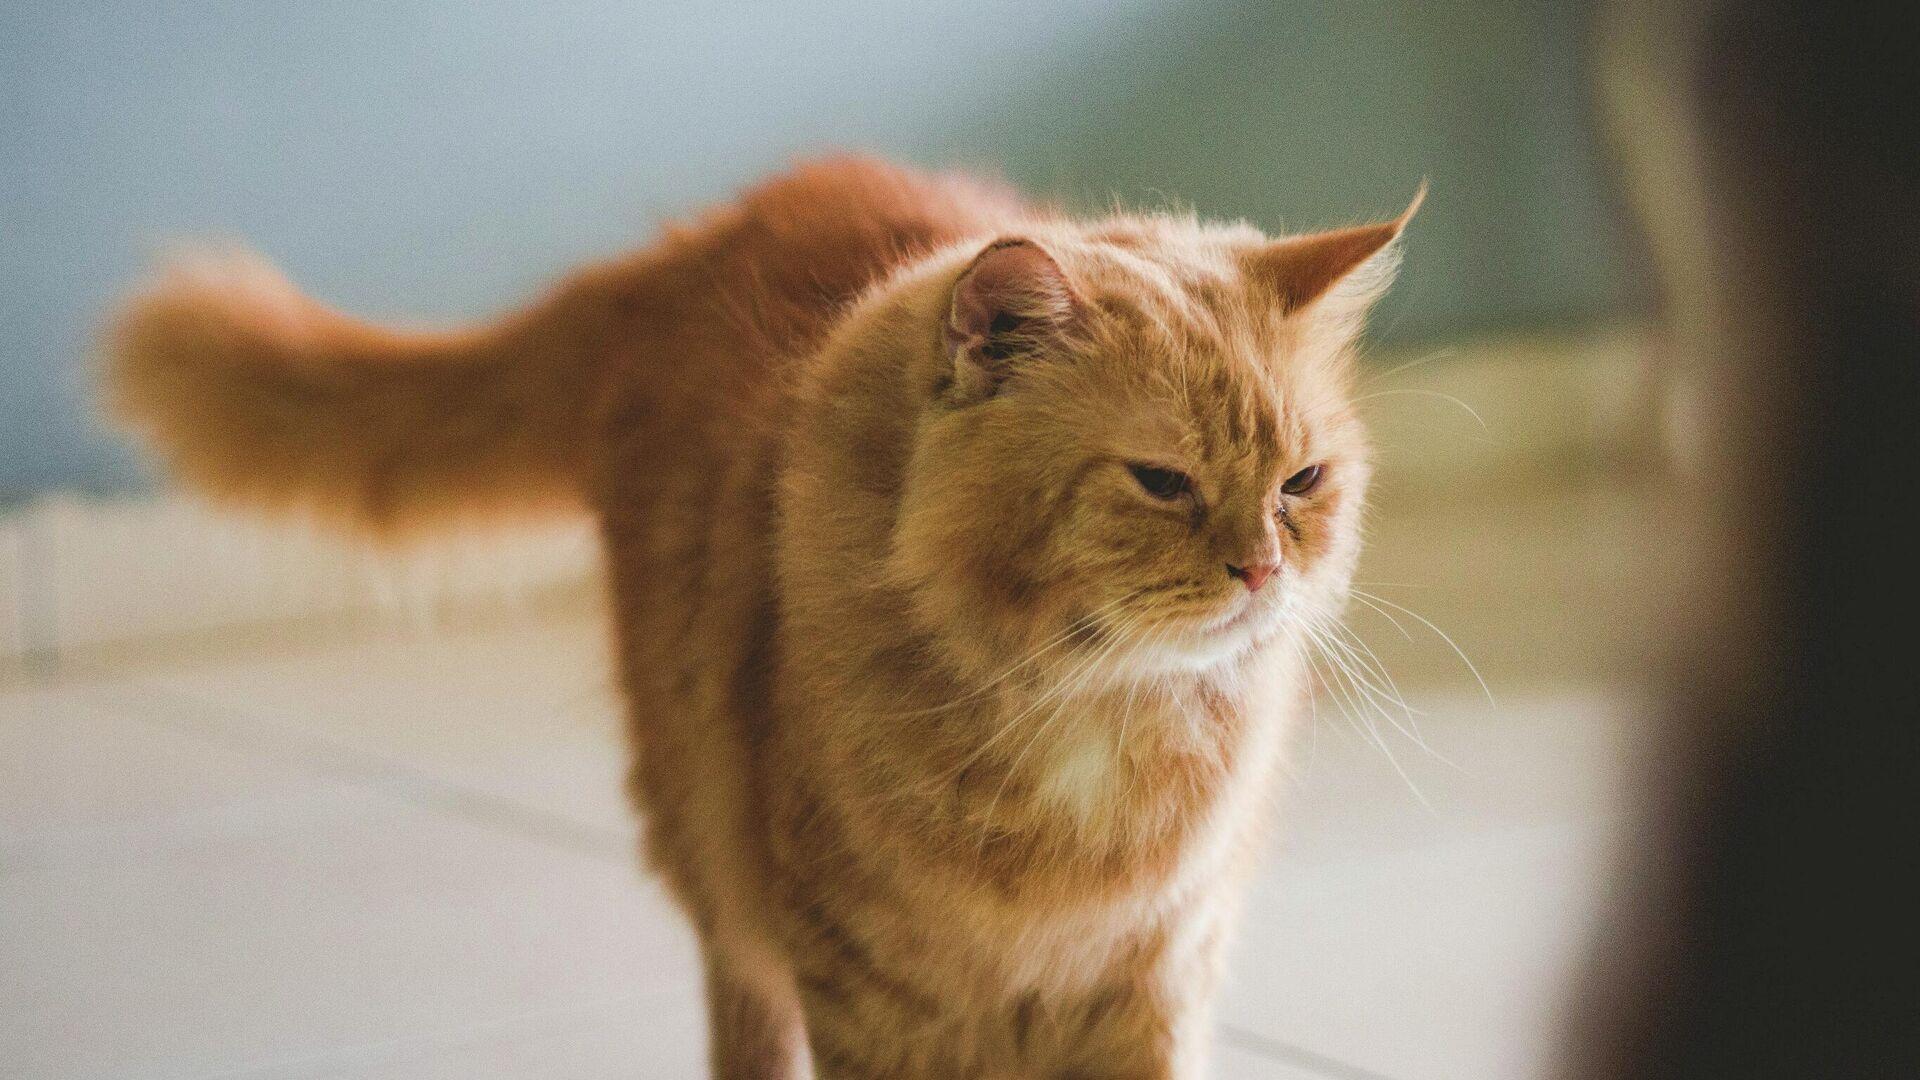 Un gato - Sputnik Mundo, 1920, 31.03.2021